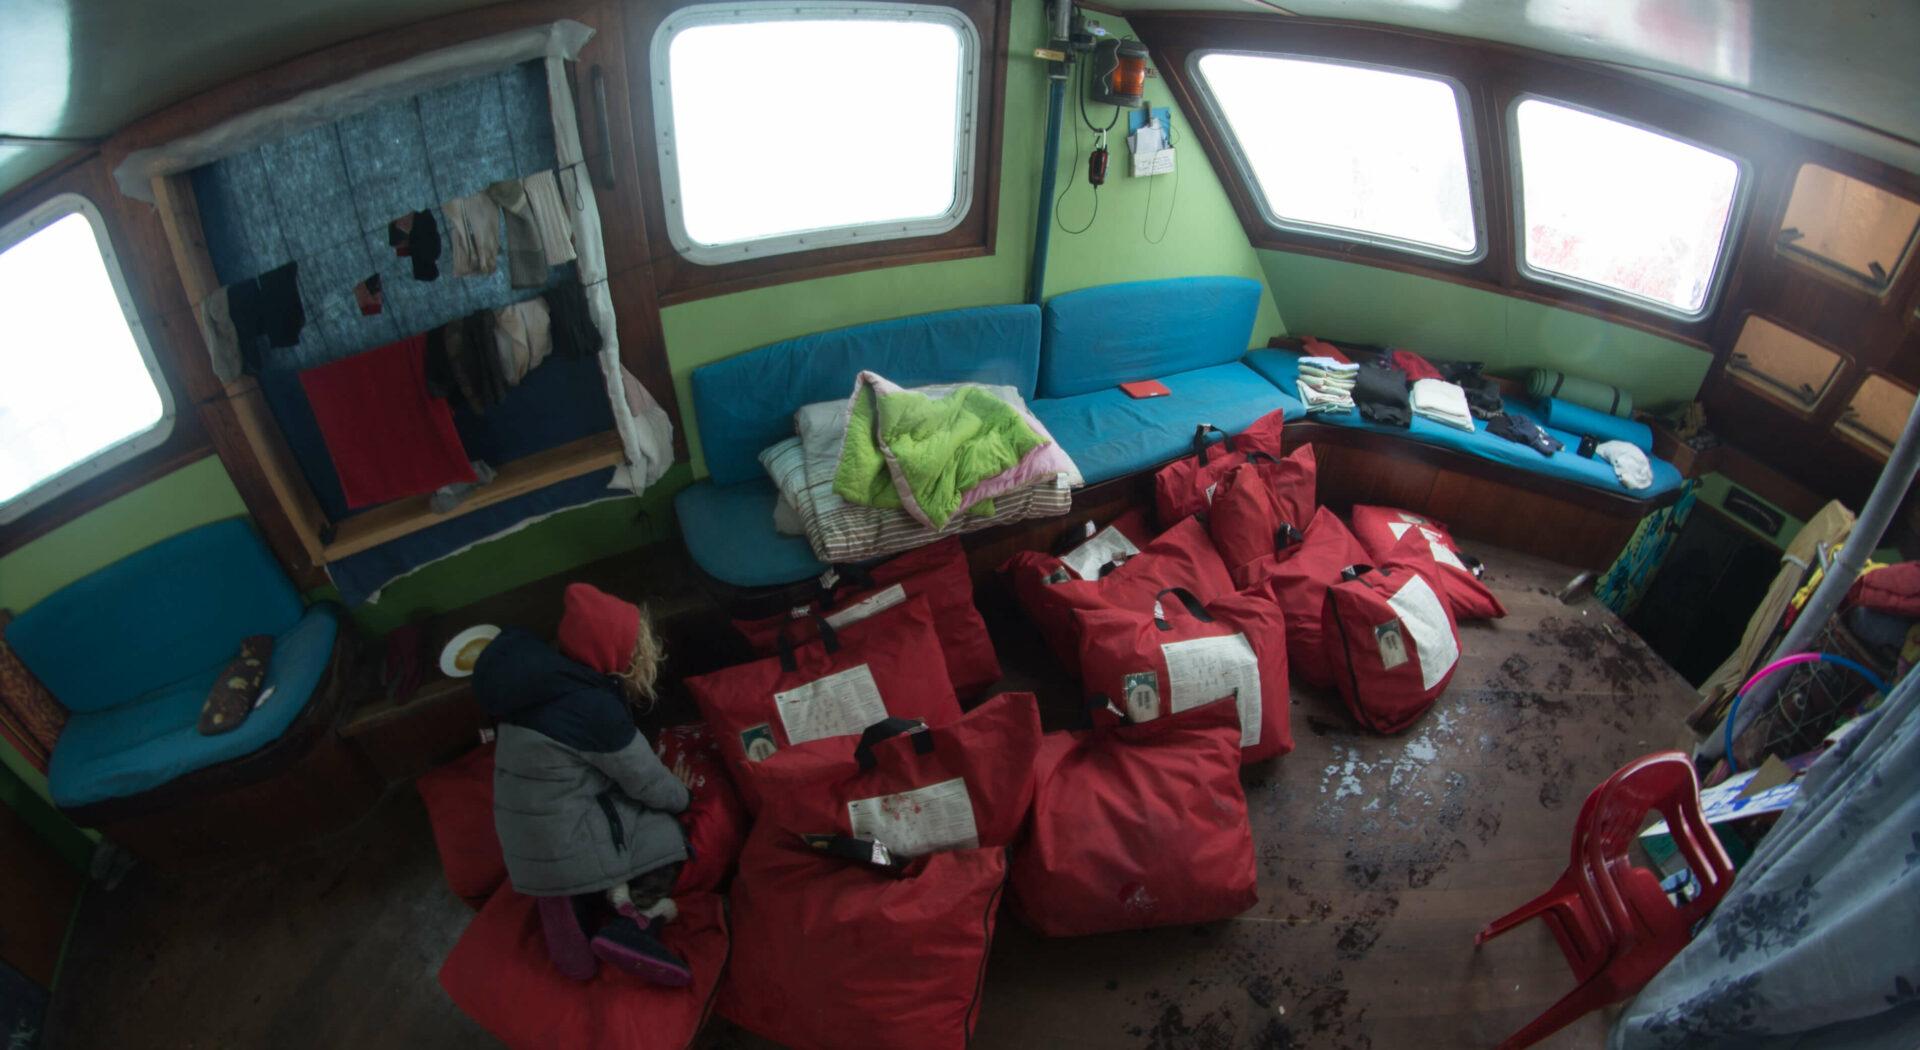 Overlevelsesdraktene ligger parat i styrhuset. Vi er klare til å forlate båten når som helst. Foto; Ben Cooke